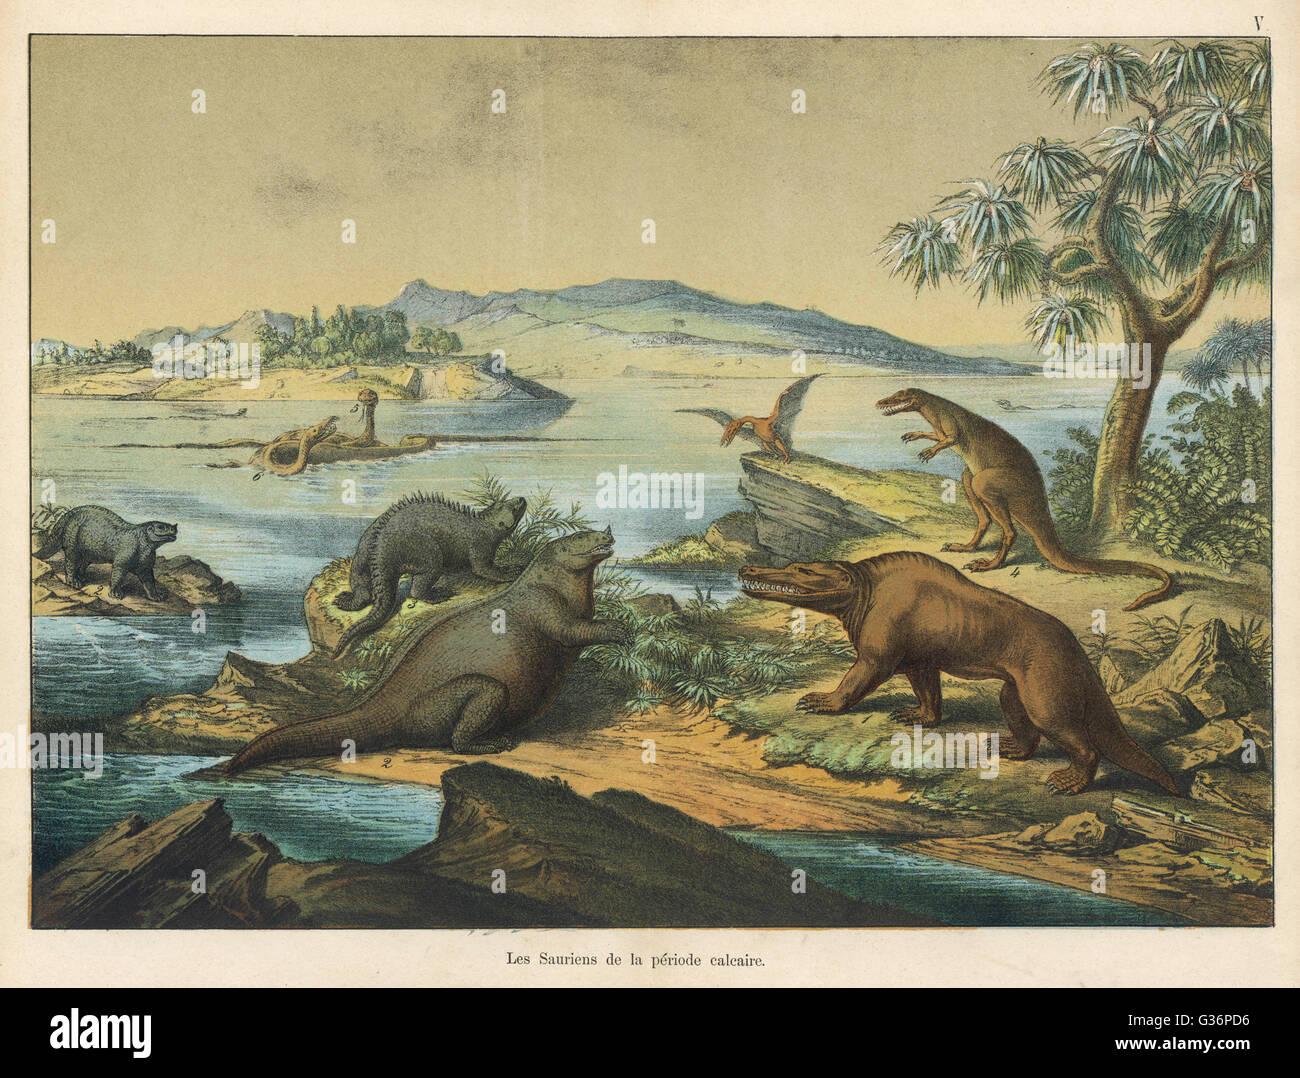 Animales y plantas de la era posterior a la época jurásica en el sur de Inglaterra. Fecha: AEC Imagen De Stock